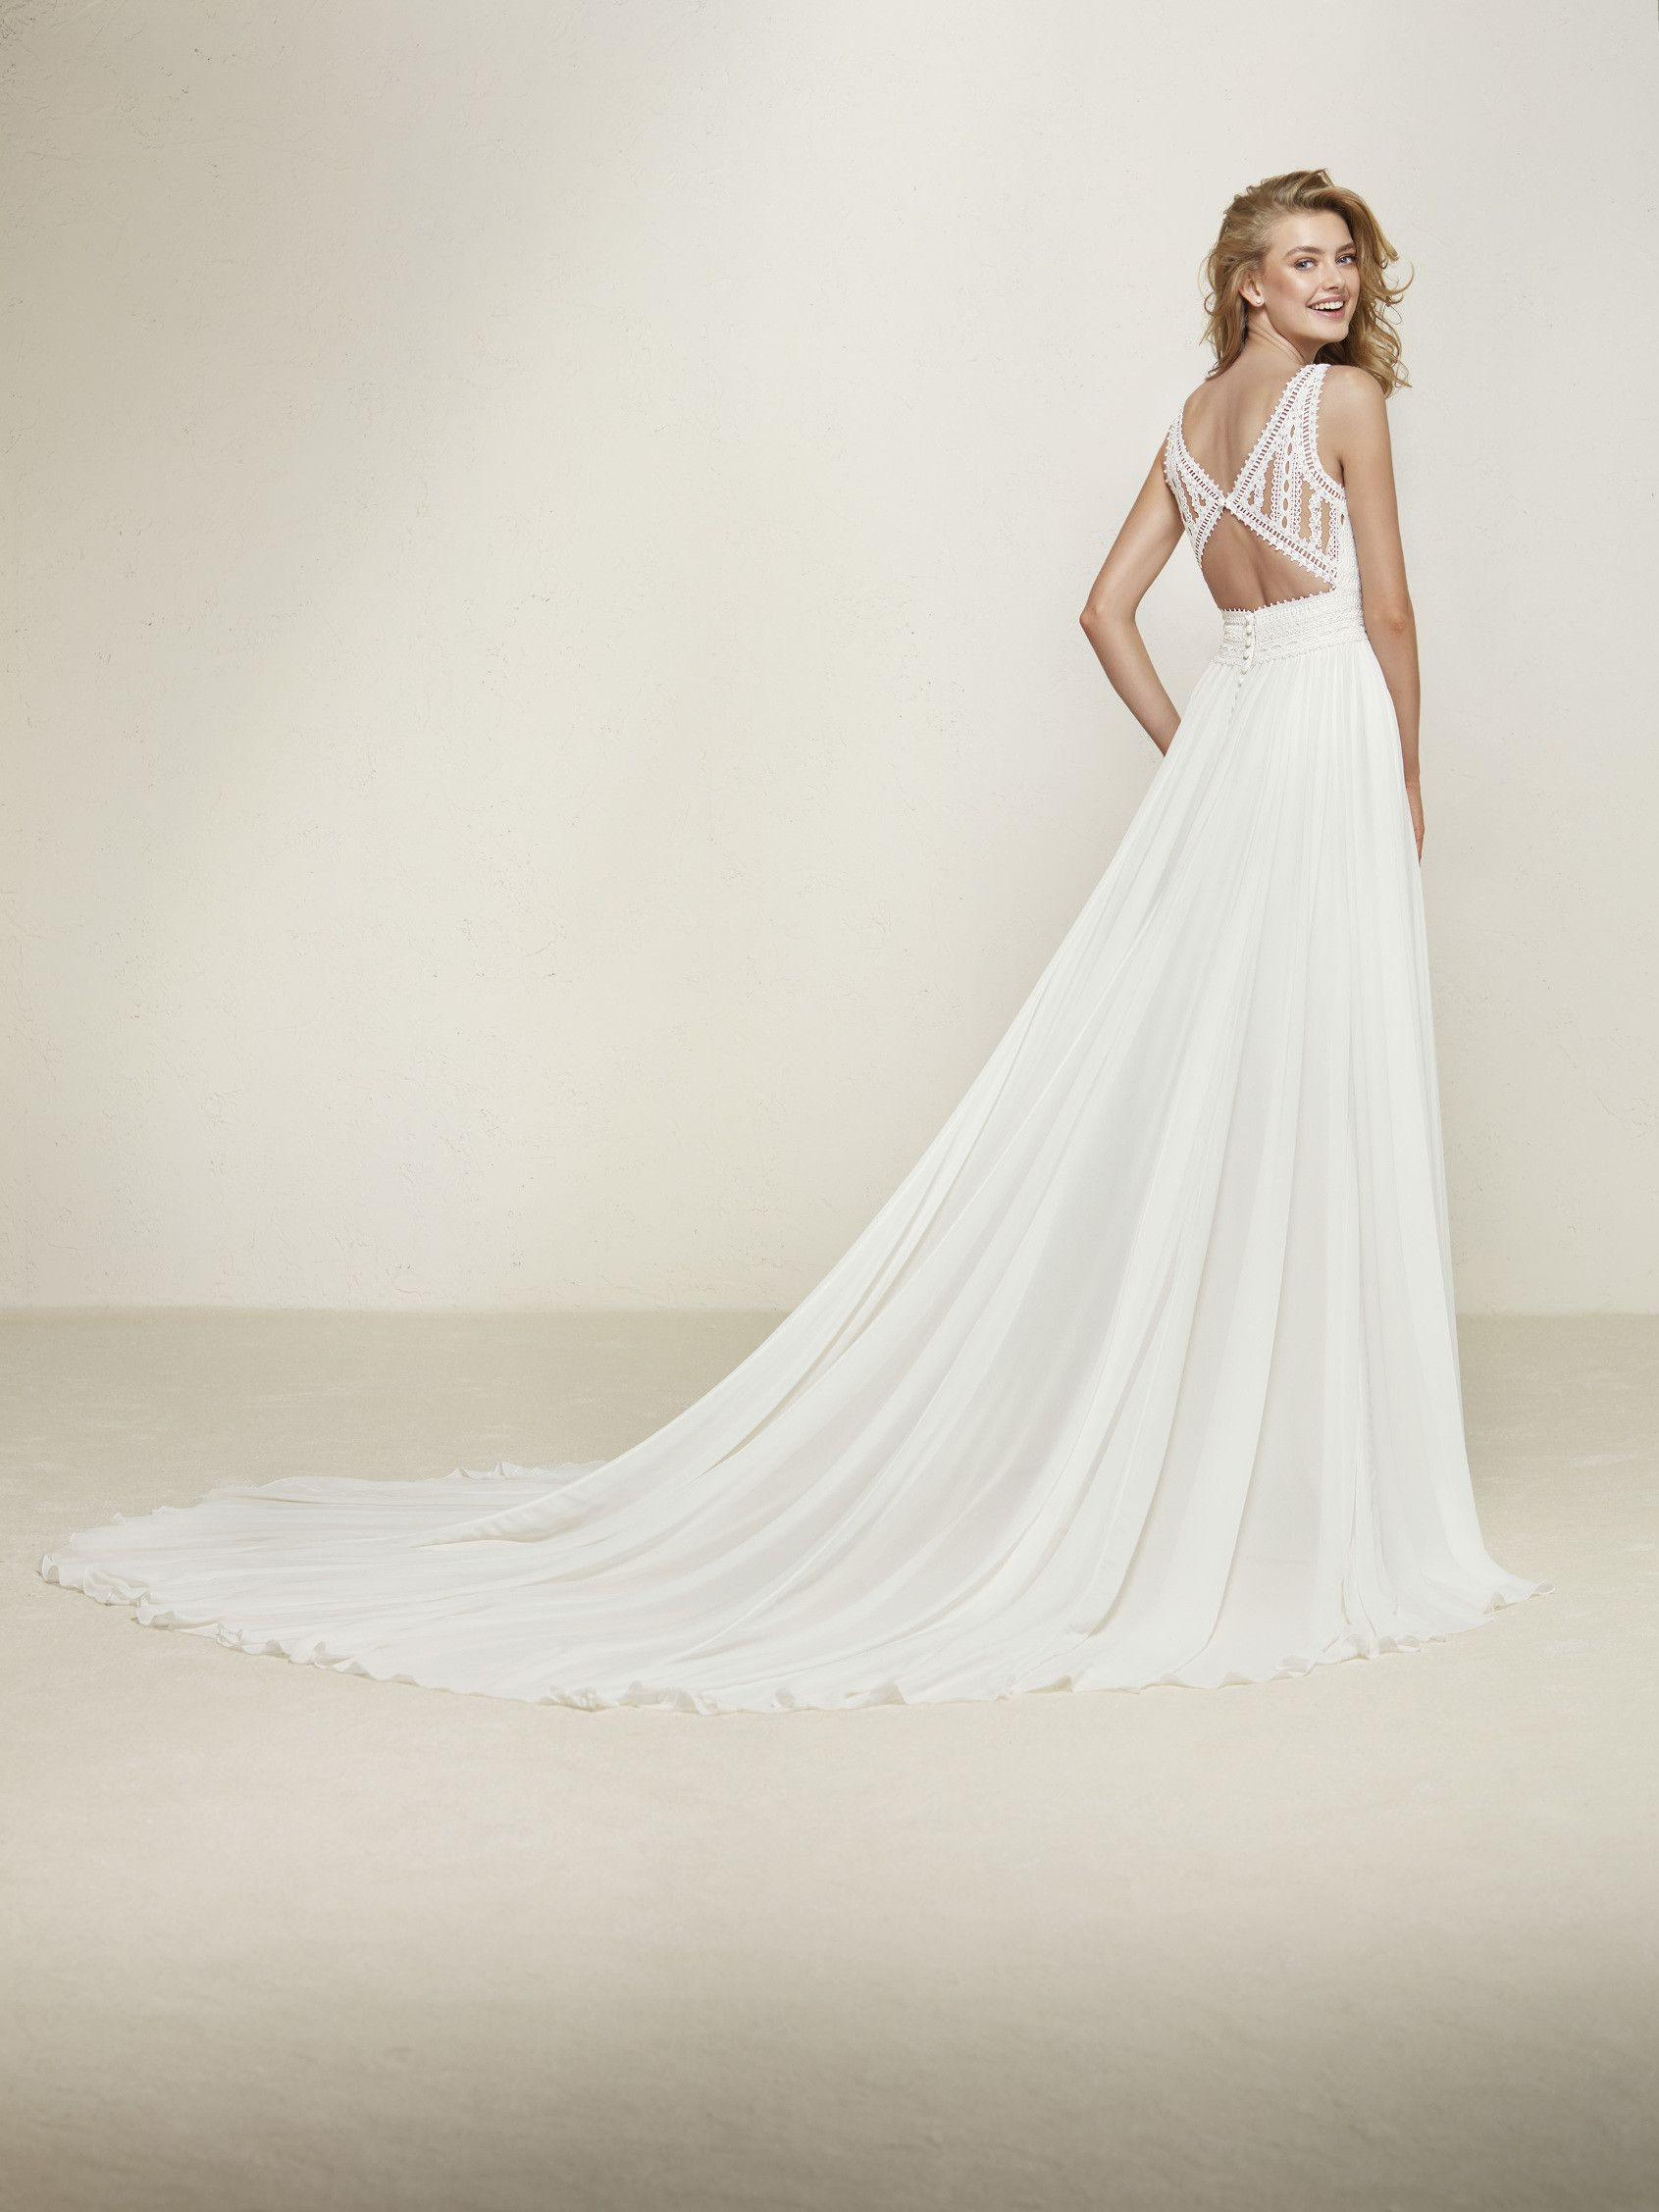 Robe de mariée coupe évasée décolleté en V | wedding dresses ...